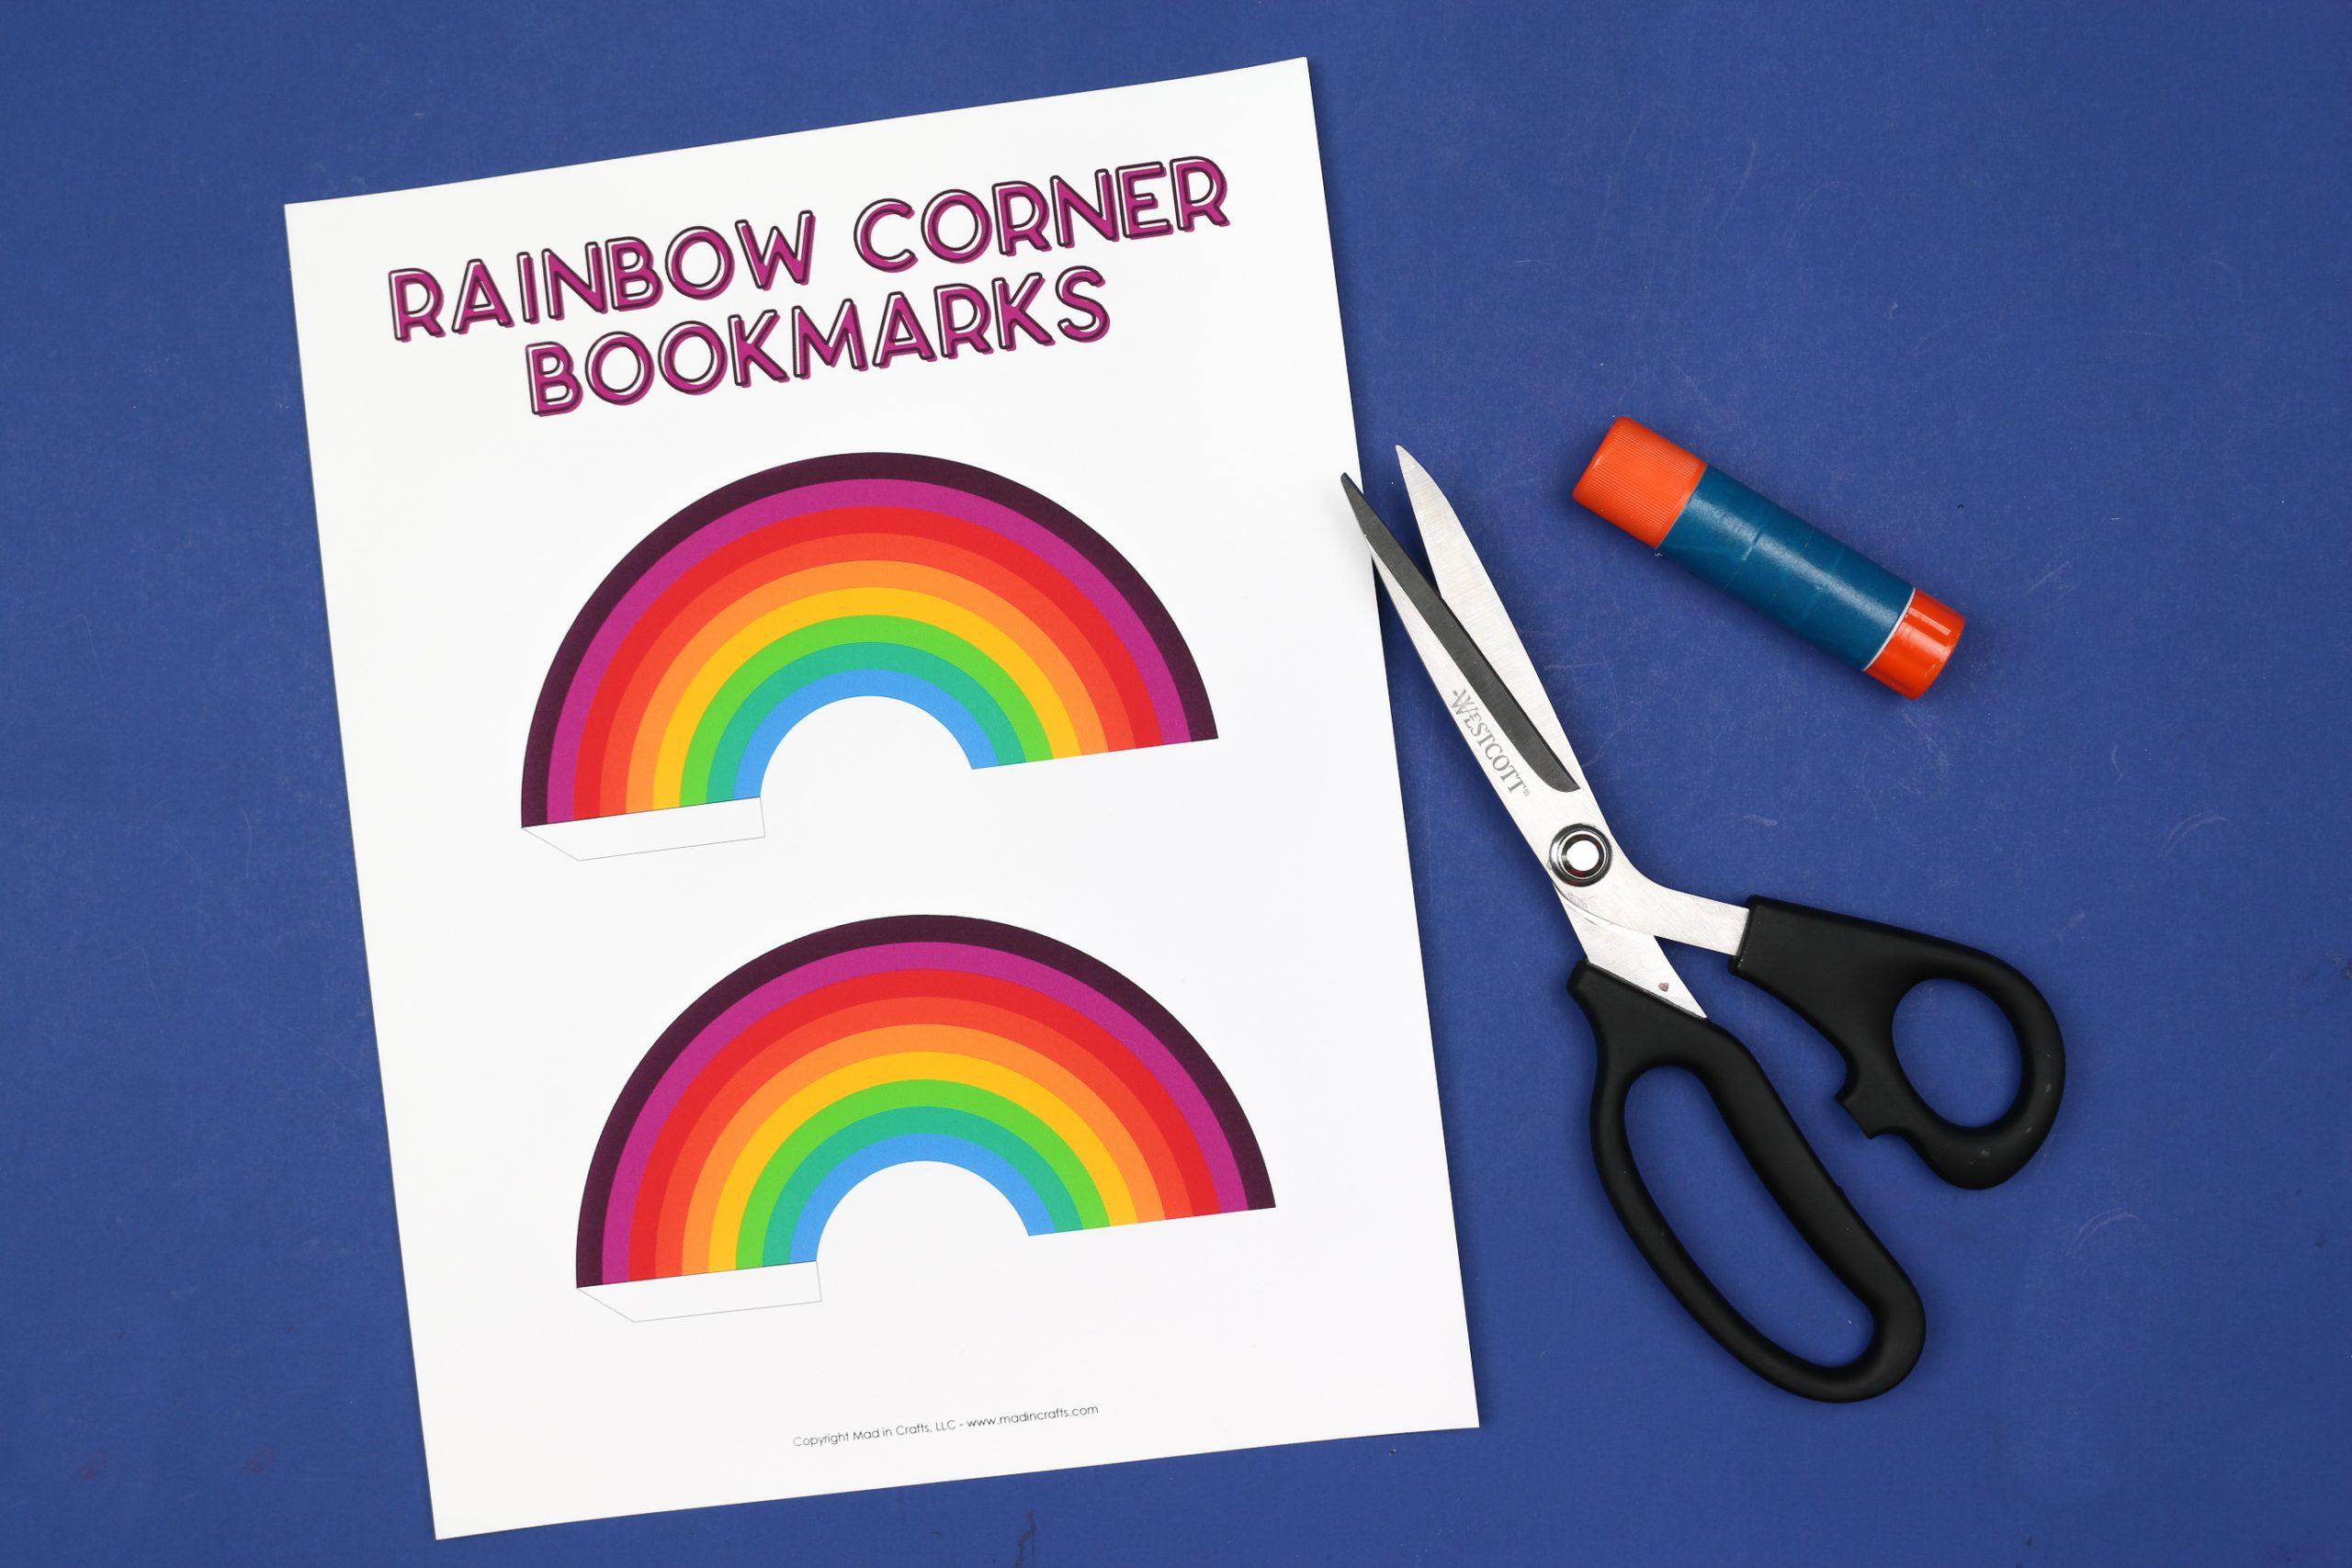 corner bookmarks, scissors, and a glue stick